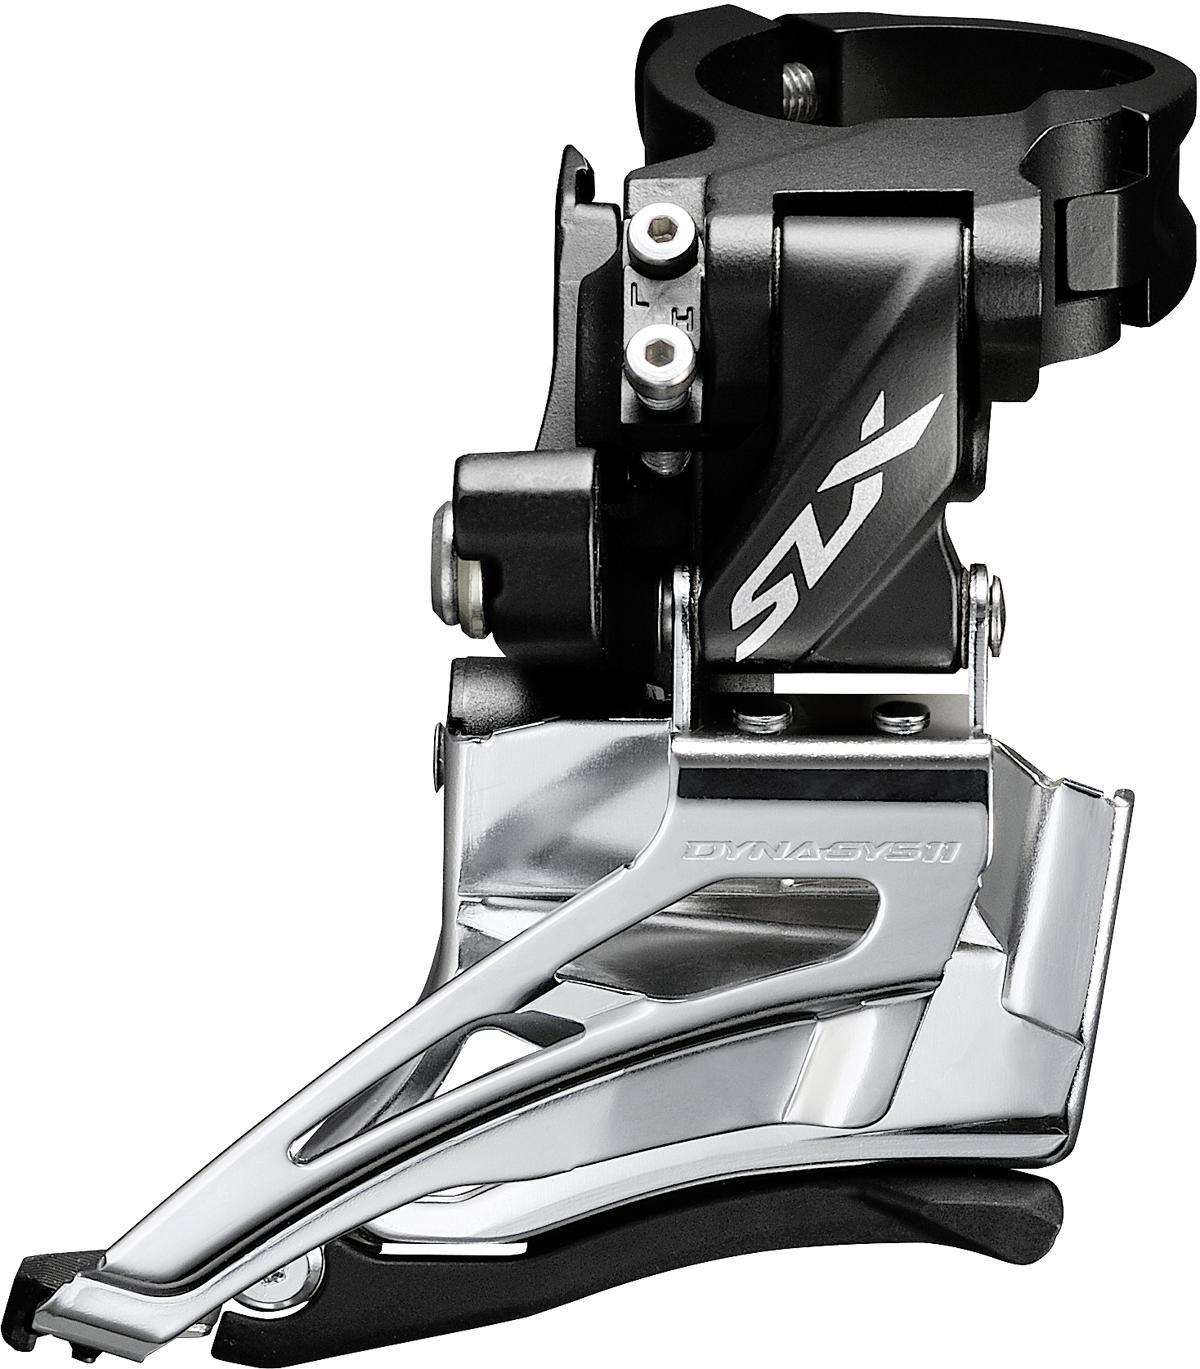 SHIMANO přesmykač SLX FD-M7025 MTB pro 2x11 obj. 34,9/31,8 + 28,6 Down-swing dual pull 34/38 z